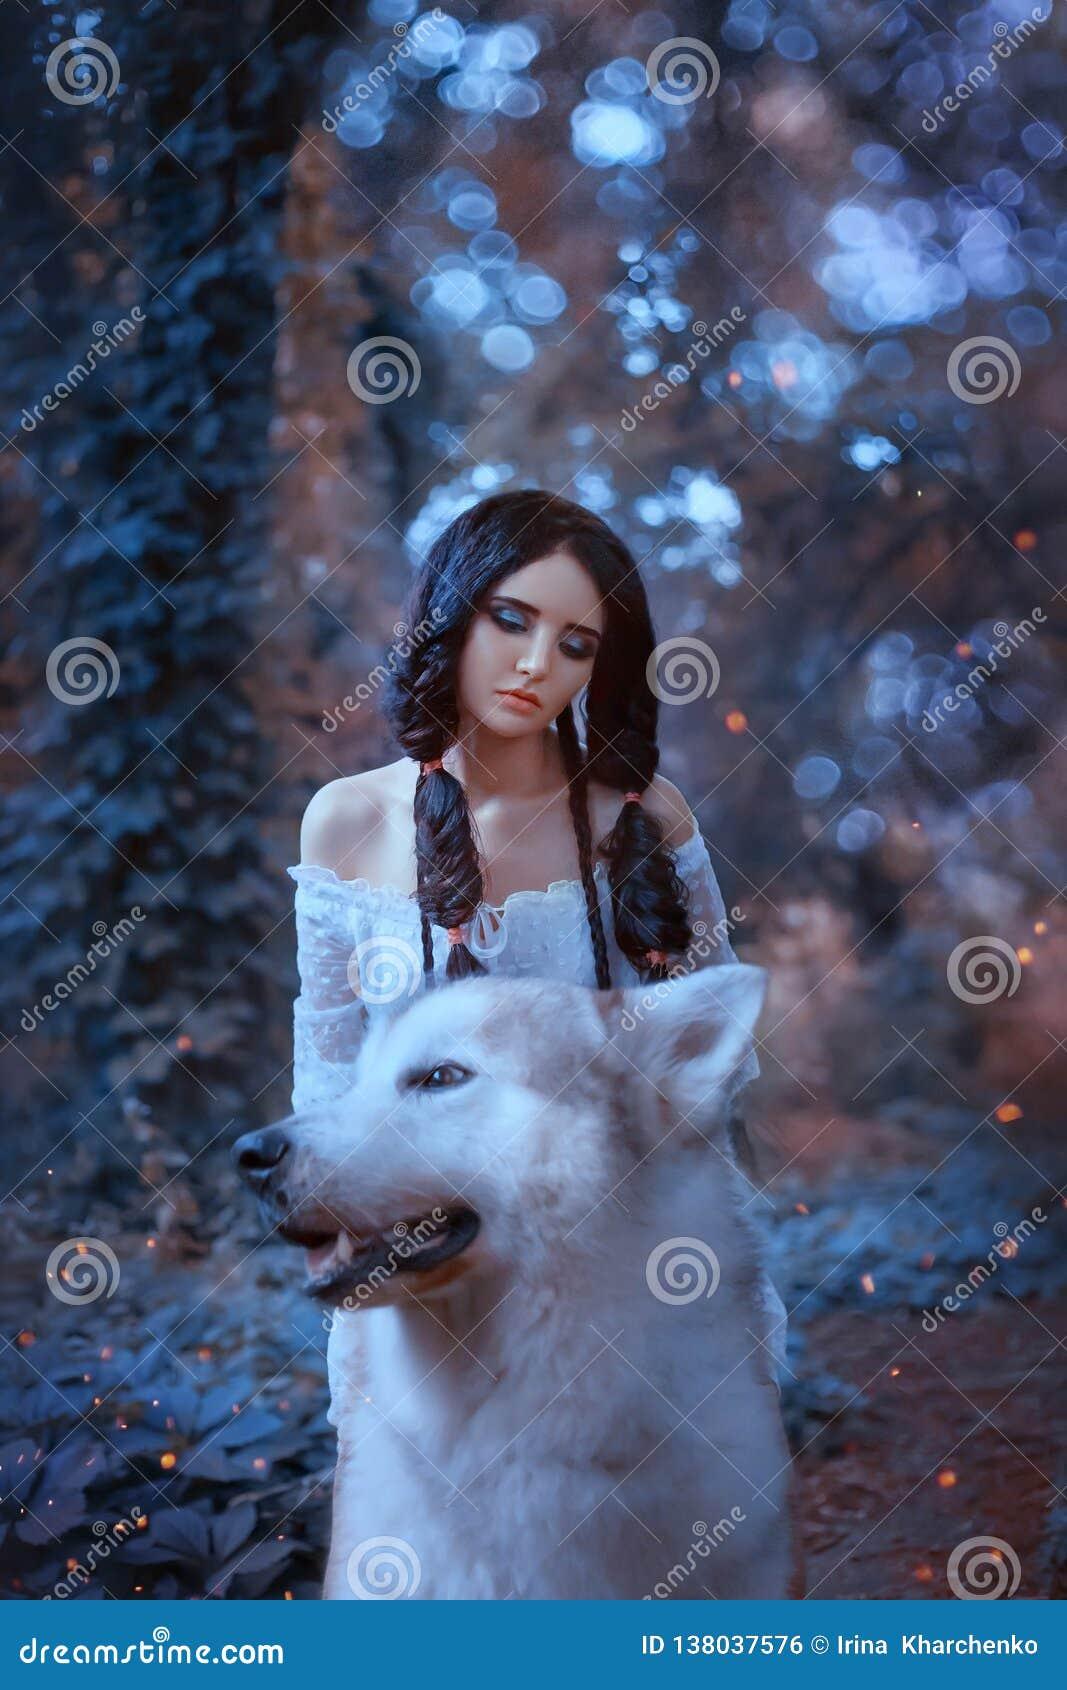 Волшебная фея седлает гордого волка леса и едет он, хищник принимает принцессу к ее логову, встречу эльфа новую